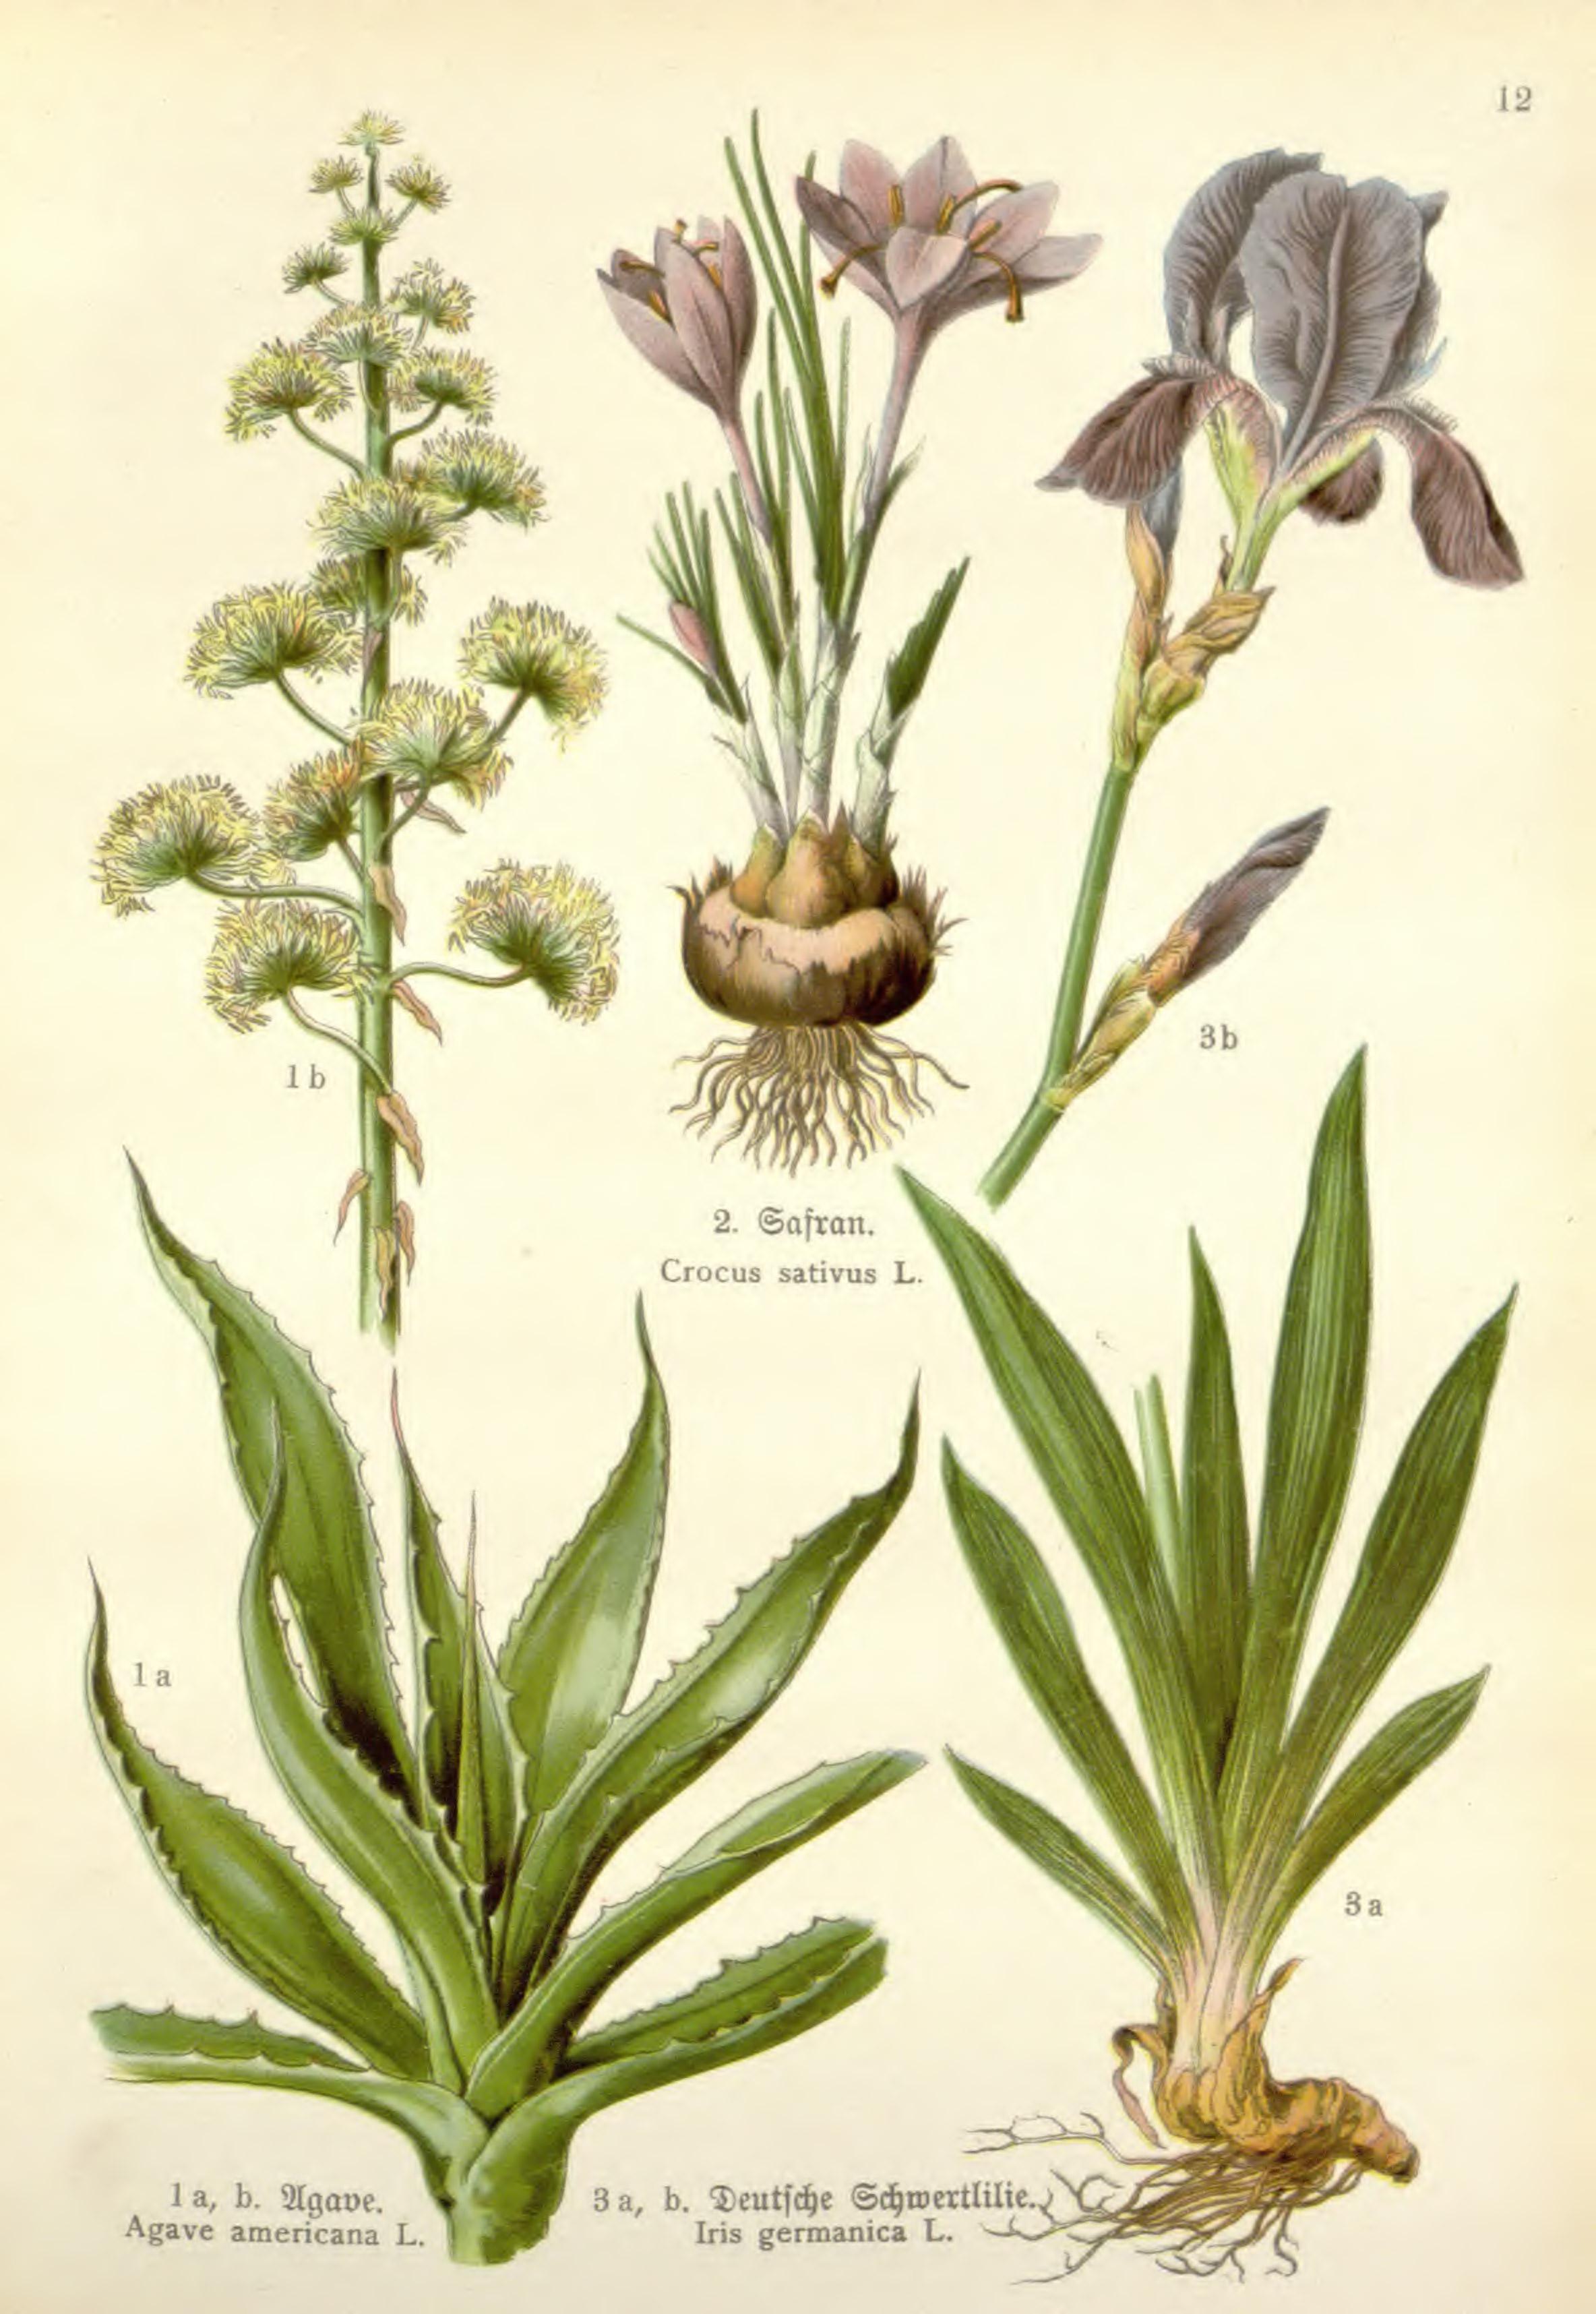 agave als heilkraut und heilpflanze wirkung herstellung u anwendung von tees tinkturen. Black Bedroom Furniture Sets. Home Design Ideas